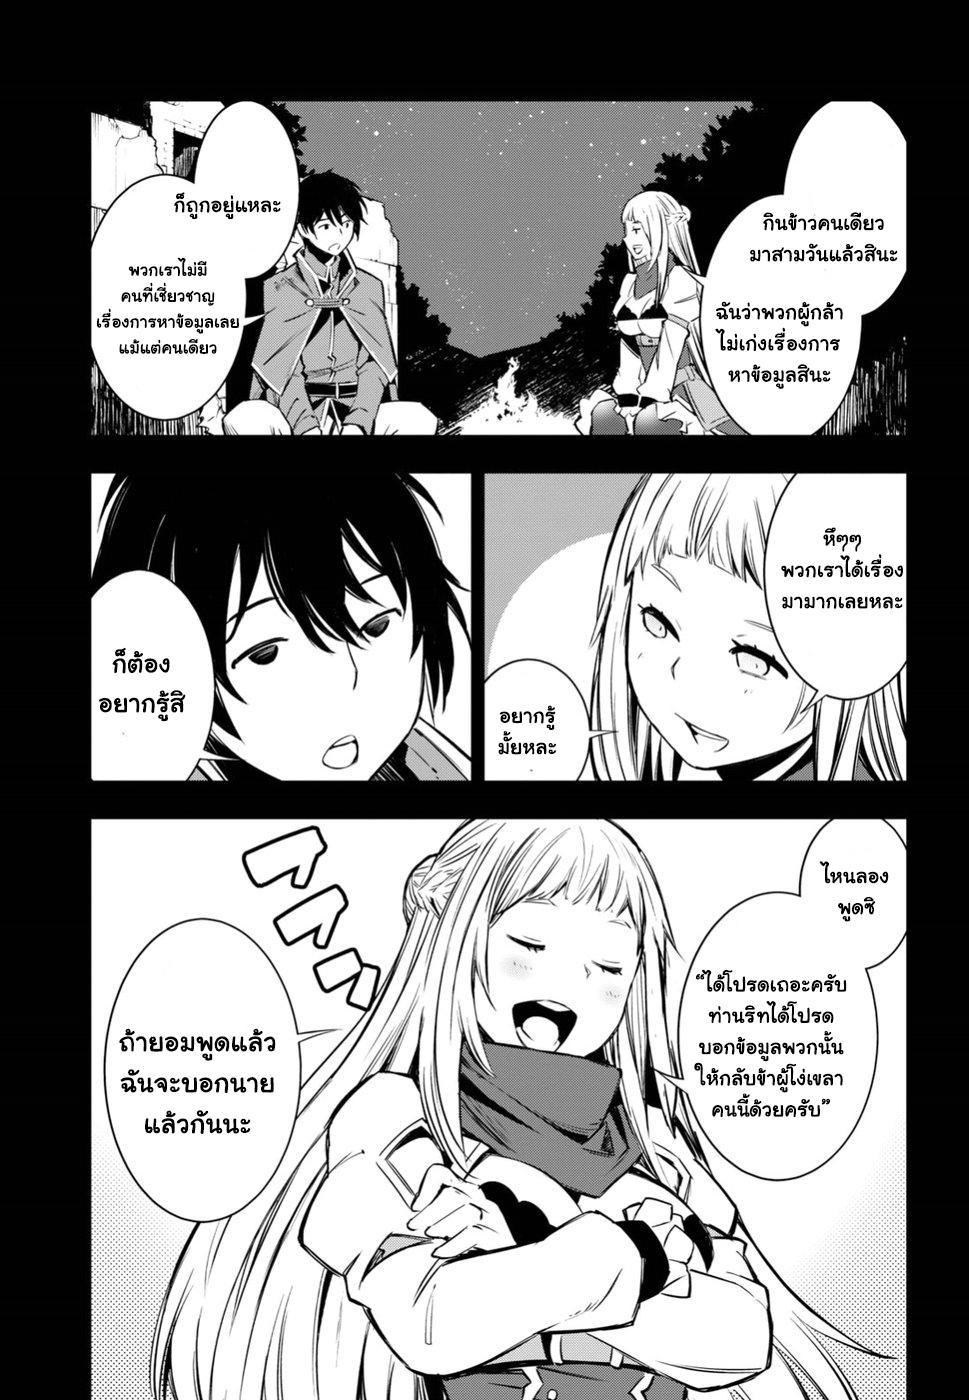 อ่านการ์ตูน Shin no Nakama Janai to Yuusha no Party wo Oidasareta no de Henkyou de Slow Life suru koto ตอนที่ 3 หน้าที่ 13